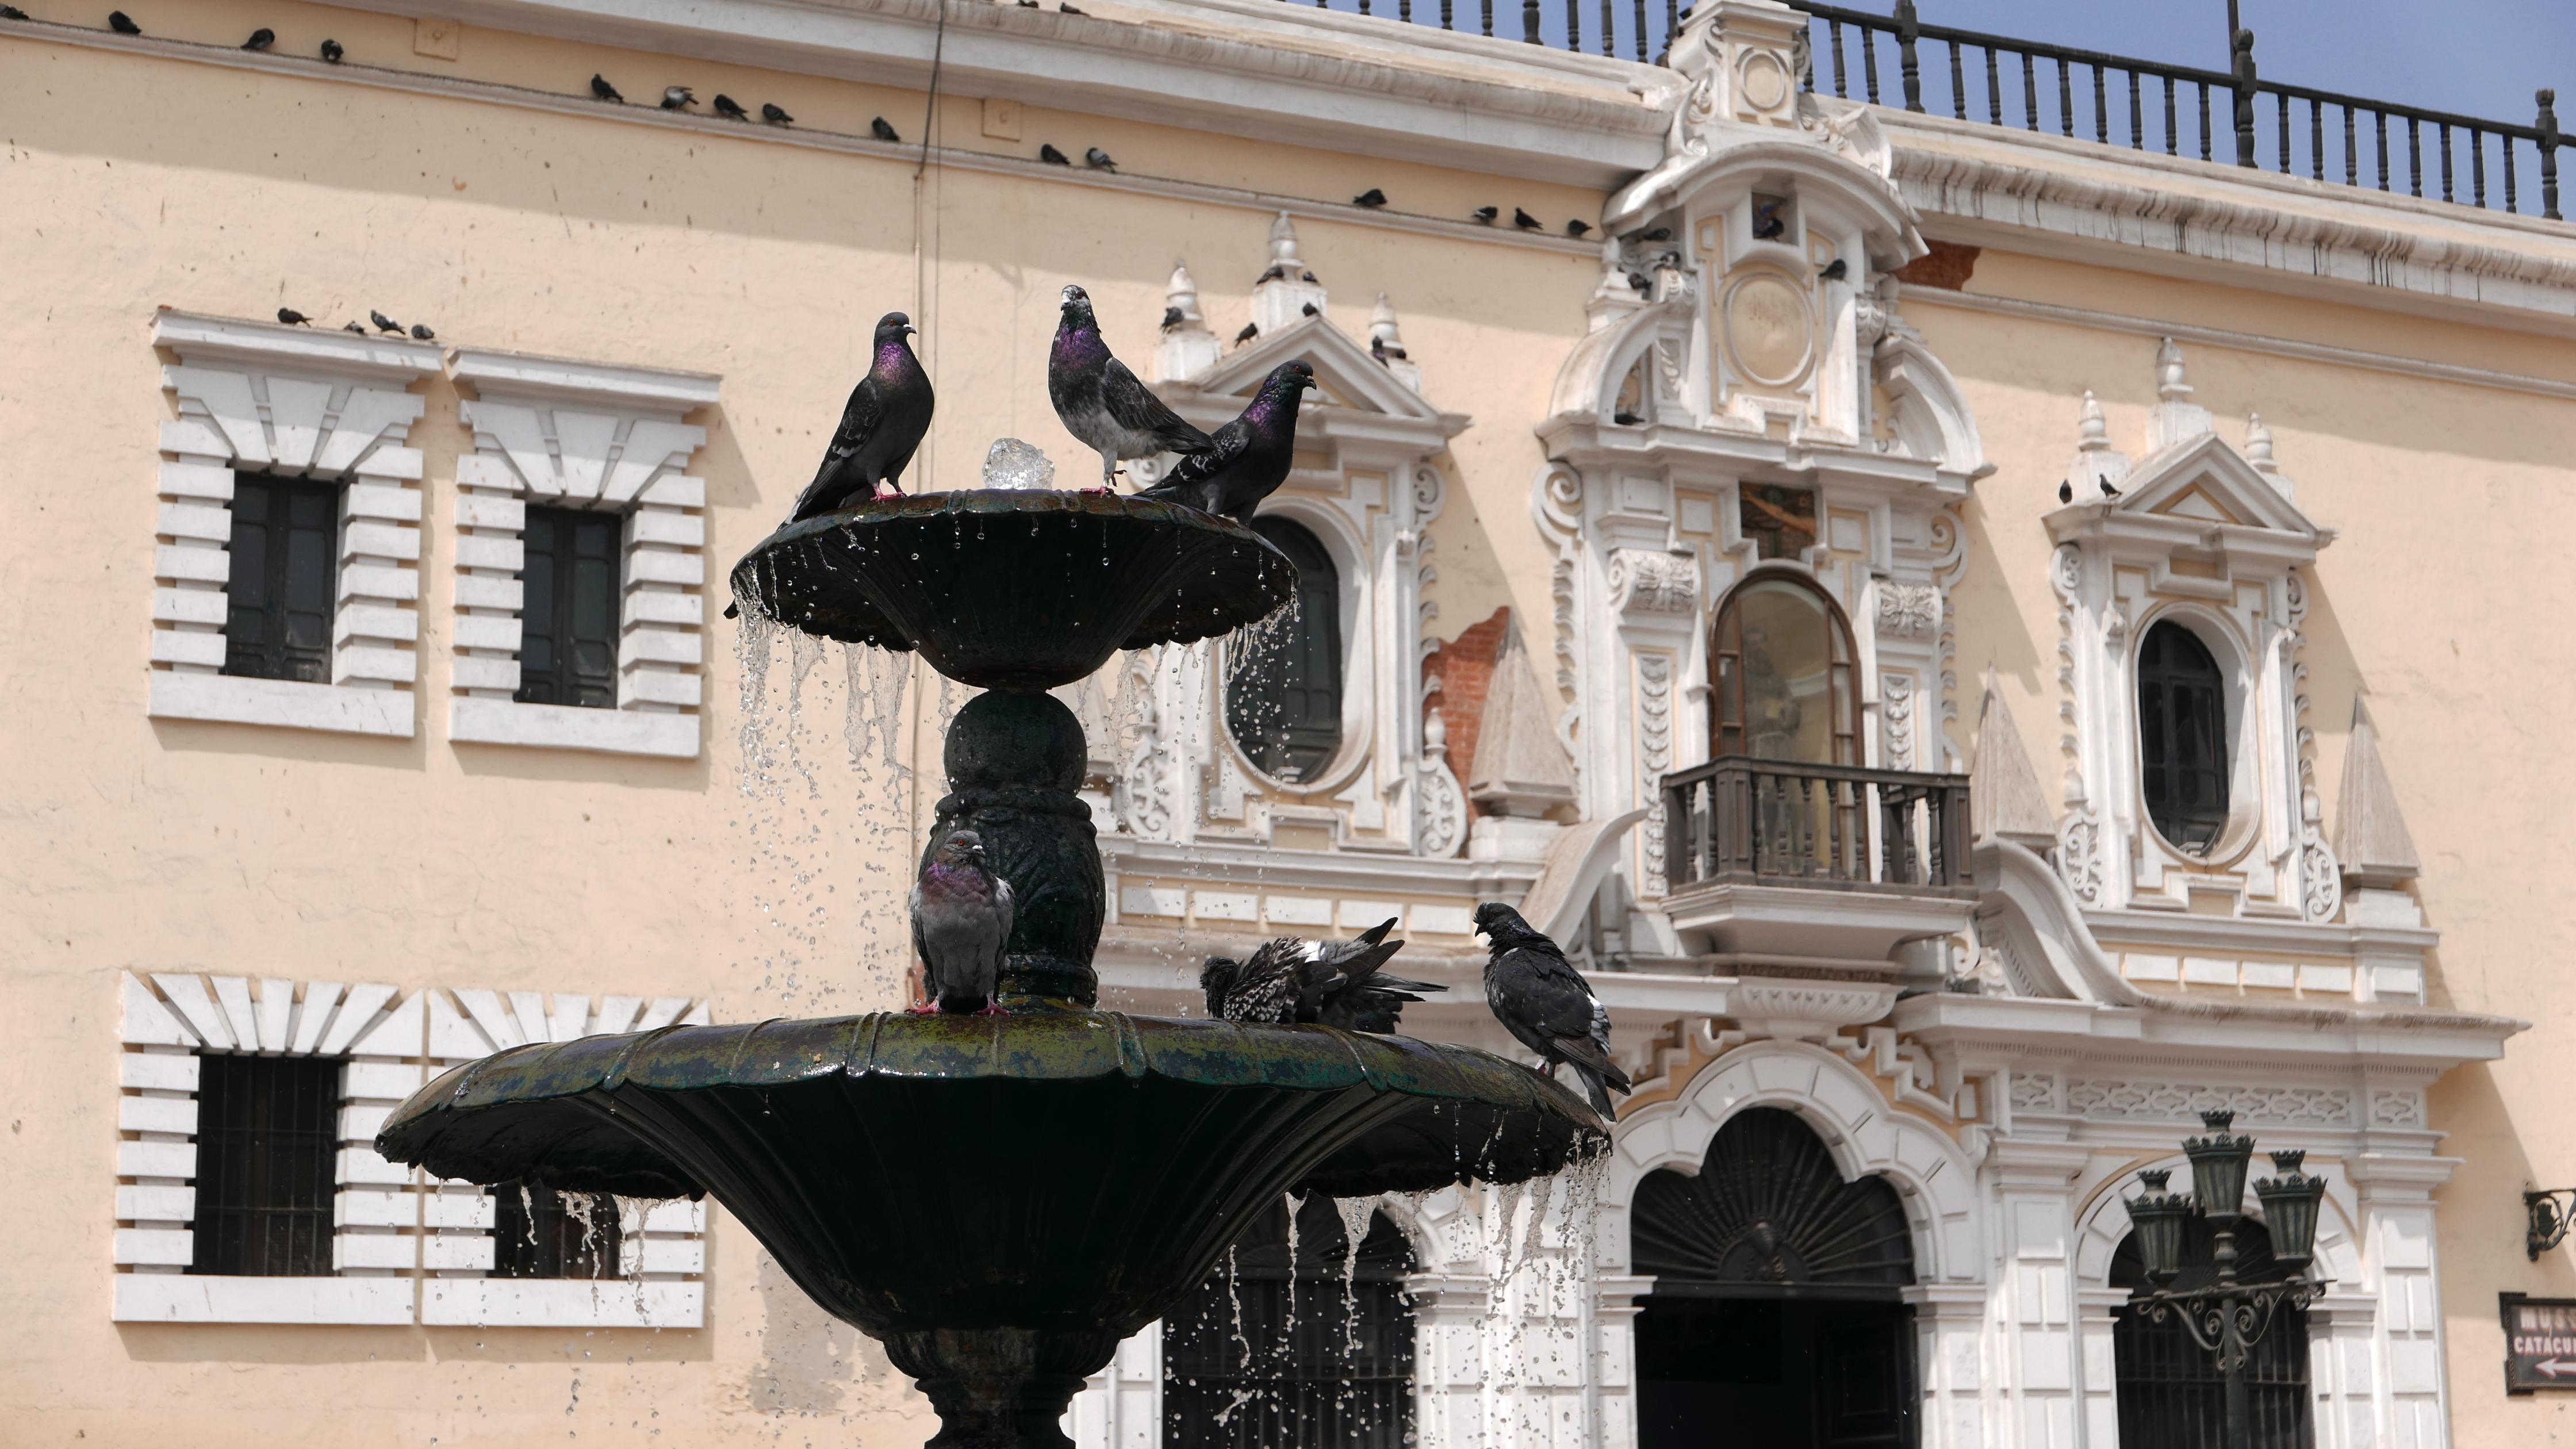 Las joyas del Monasterio de San Francisco - Perú Gran Viaje Lima, Cuzco y Machu Picchu